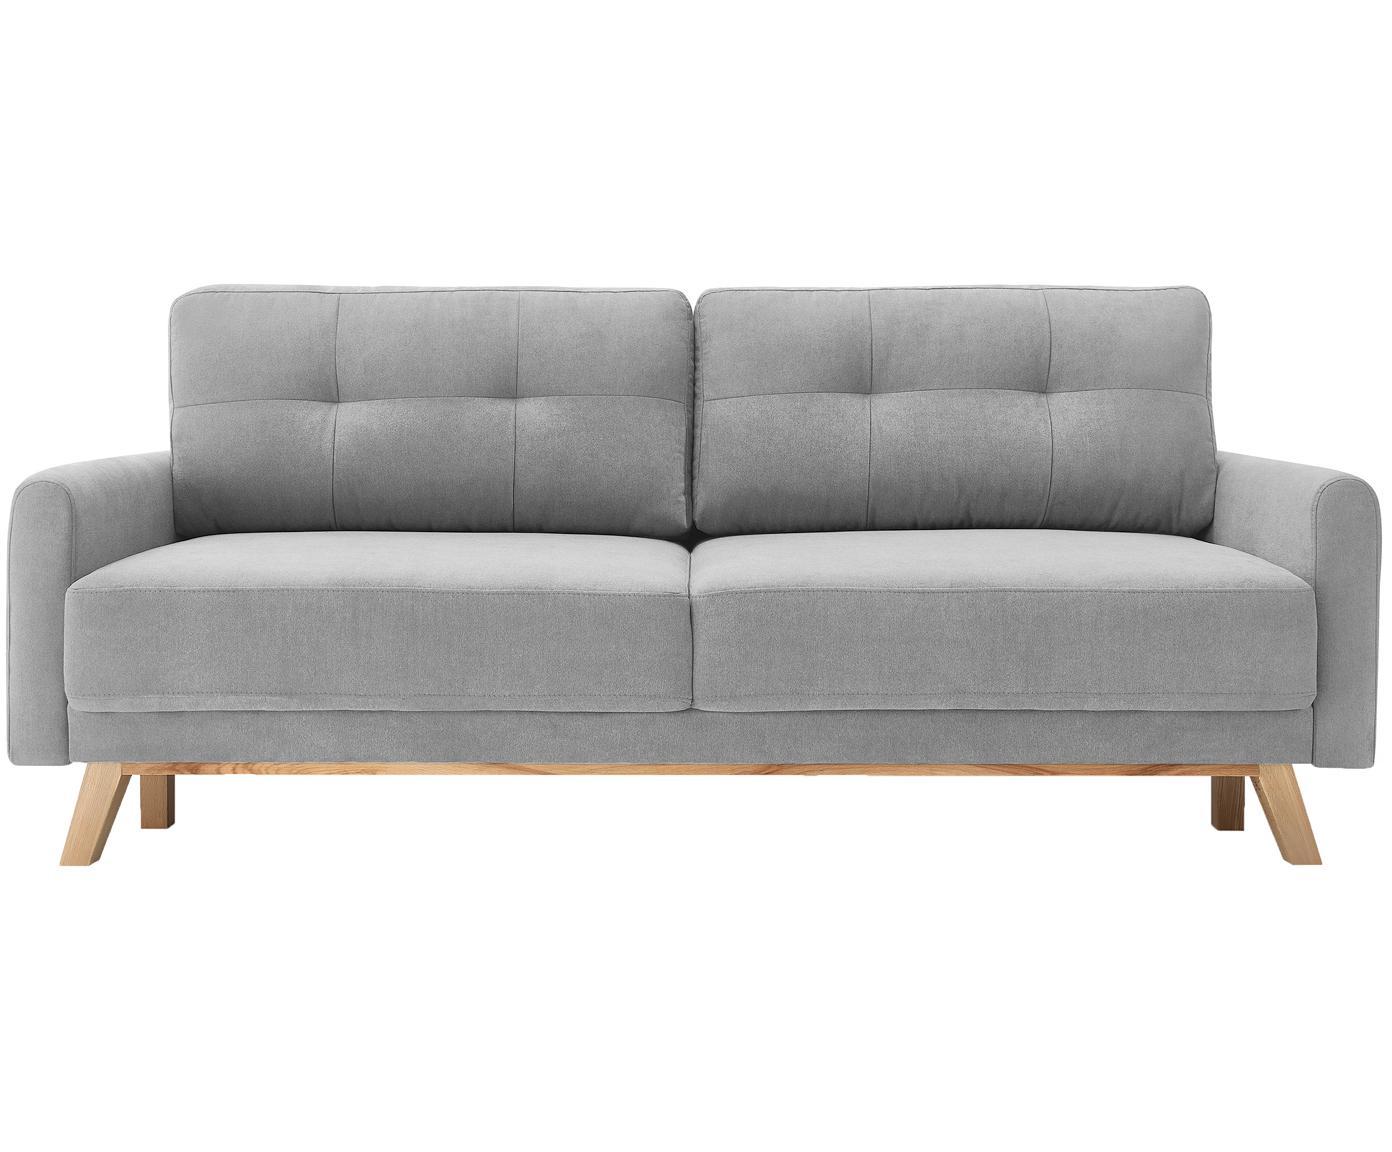 Samt-Schlafsofa Balio (3-Sitzer), Bezug: 100% Polyestersamt, Füße: Metall, lackiert, Rahmen: Massivholz und Spanplatte, Samt Hellgrau, B 216 x T 86 cm